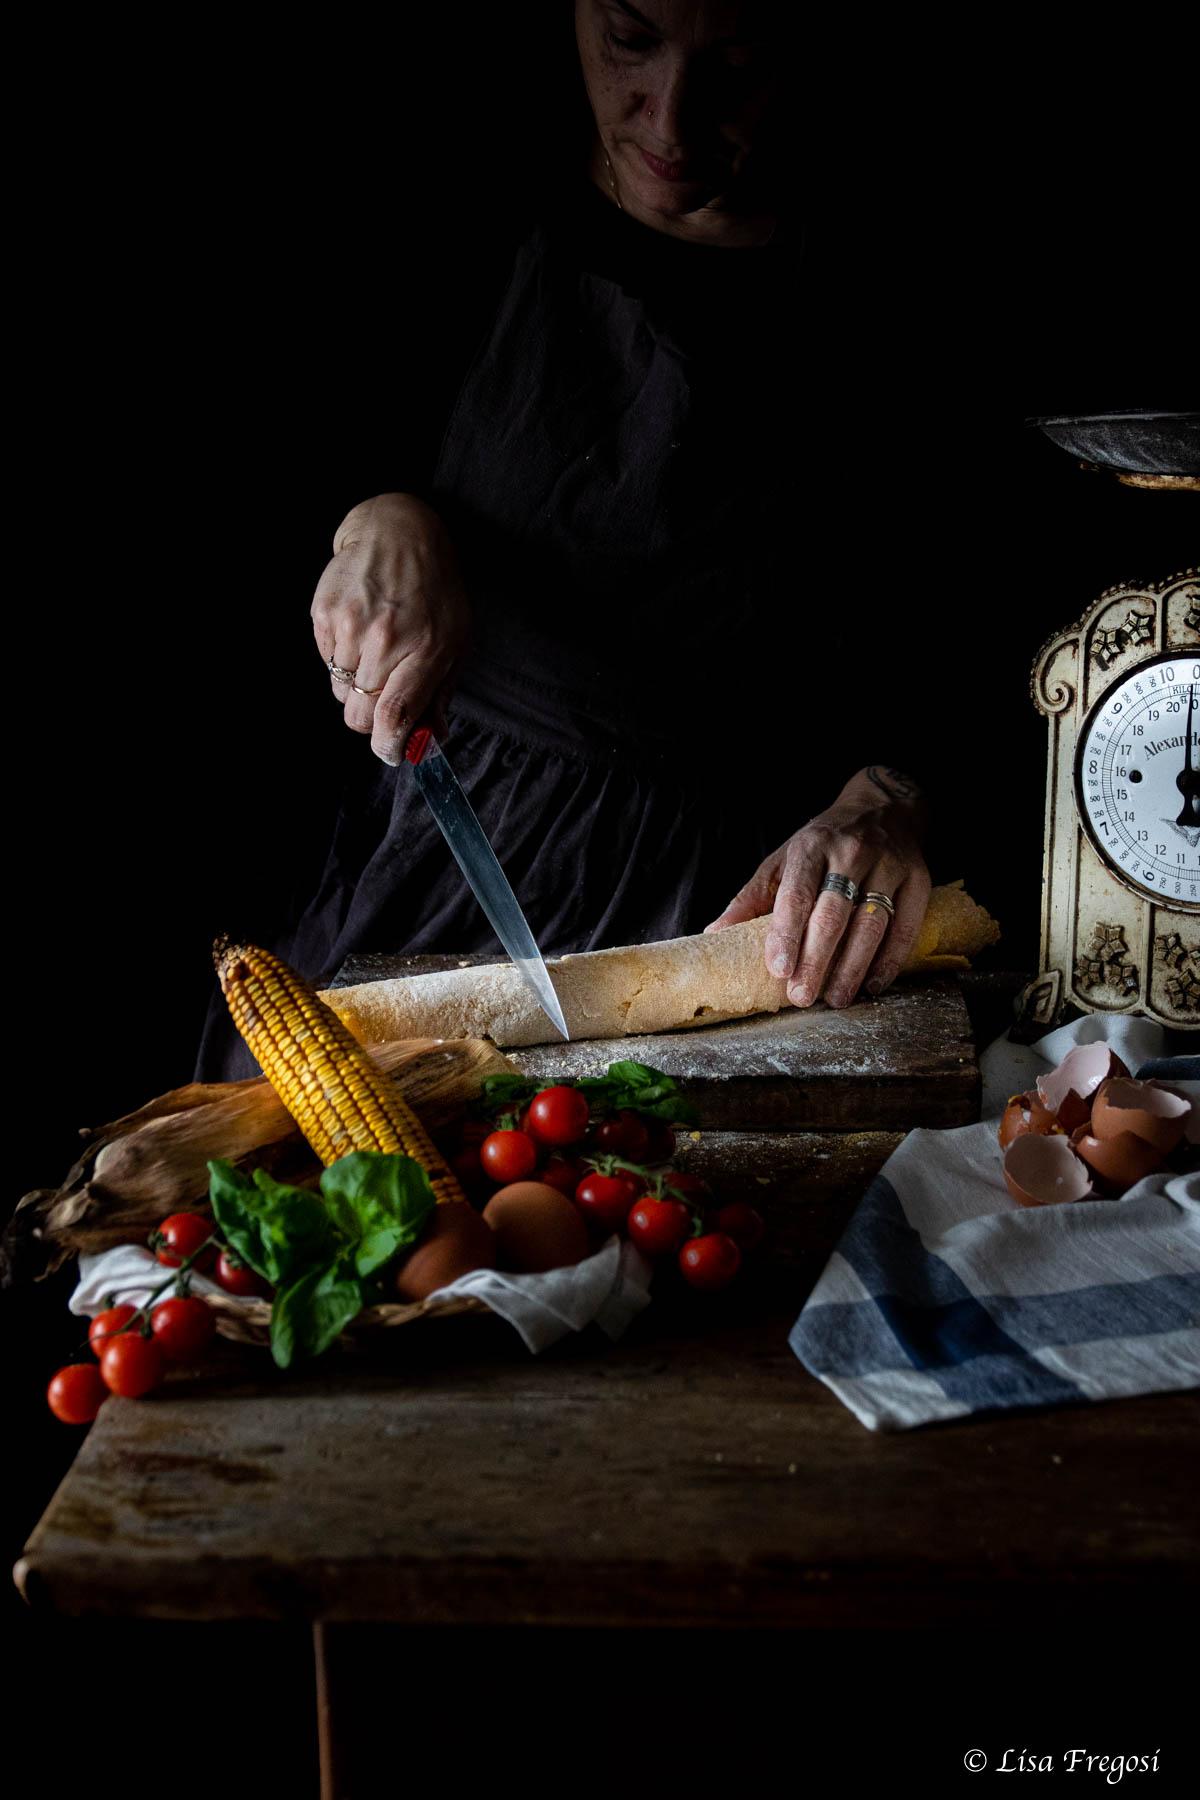 tagliatelle di mais fatte in casa con passata di pomodoro sterilizzata nella bottiglia di TApì group con tappo mekano